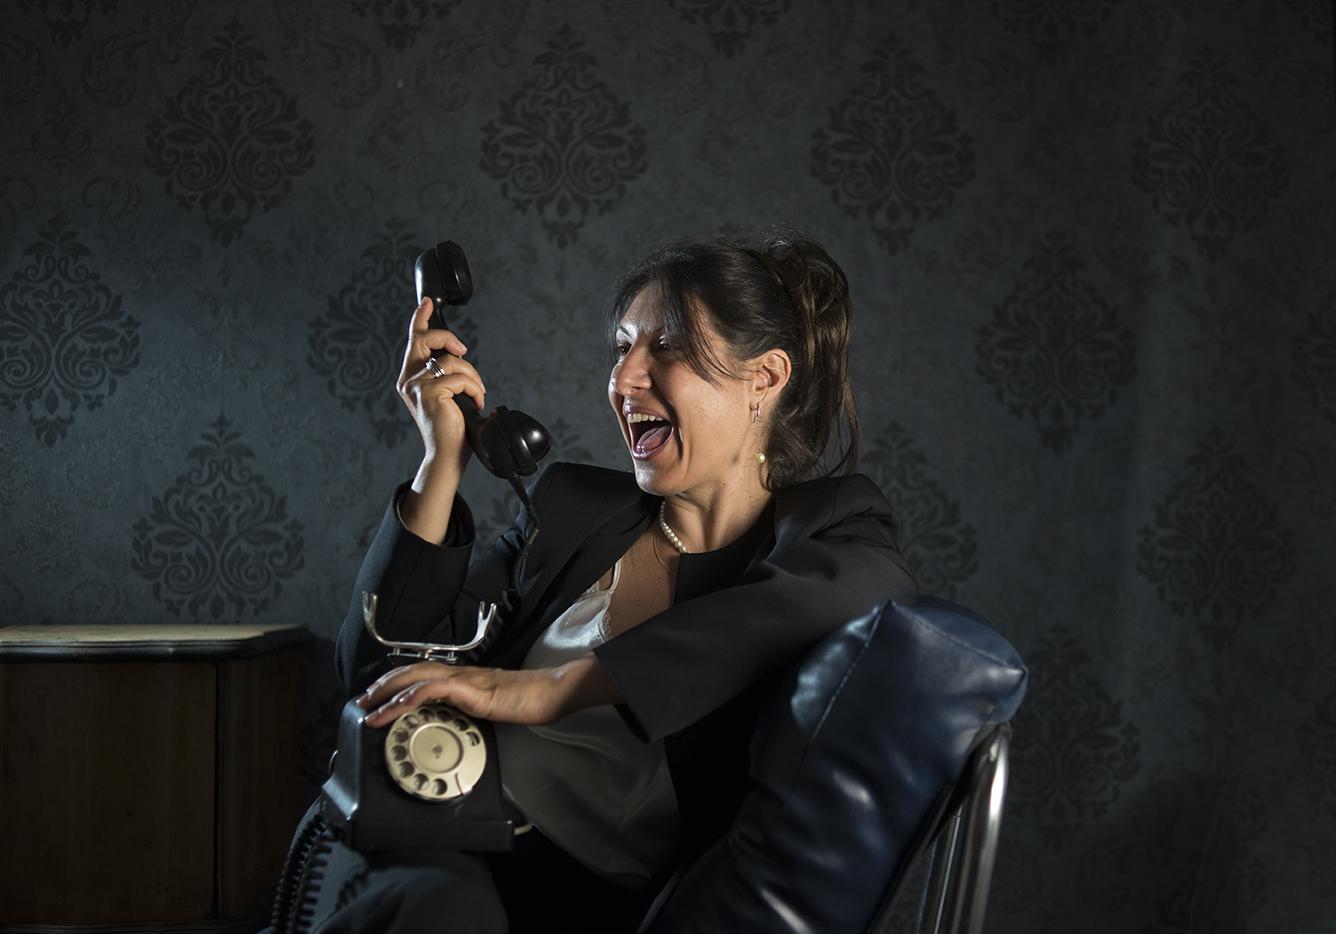 Caterina che finge di urlare al telefono. Foto Andrea Crivellari Photographie